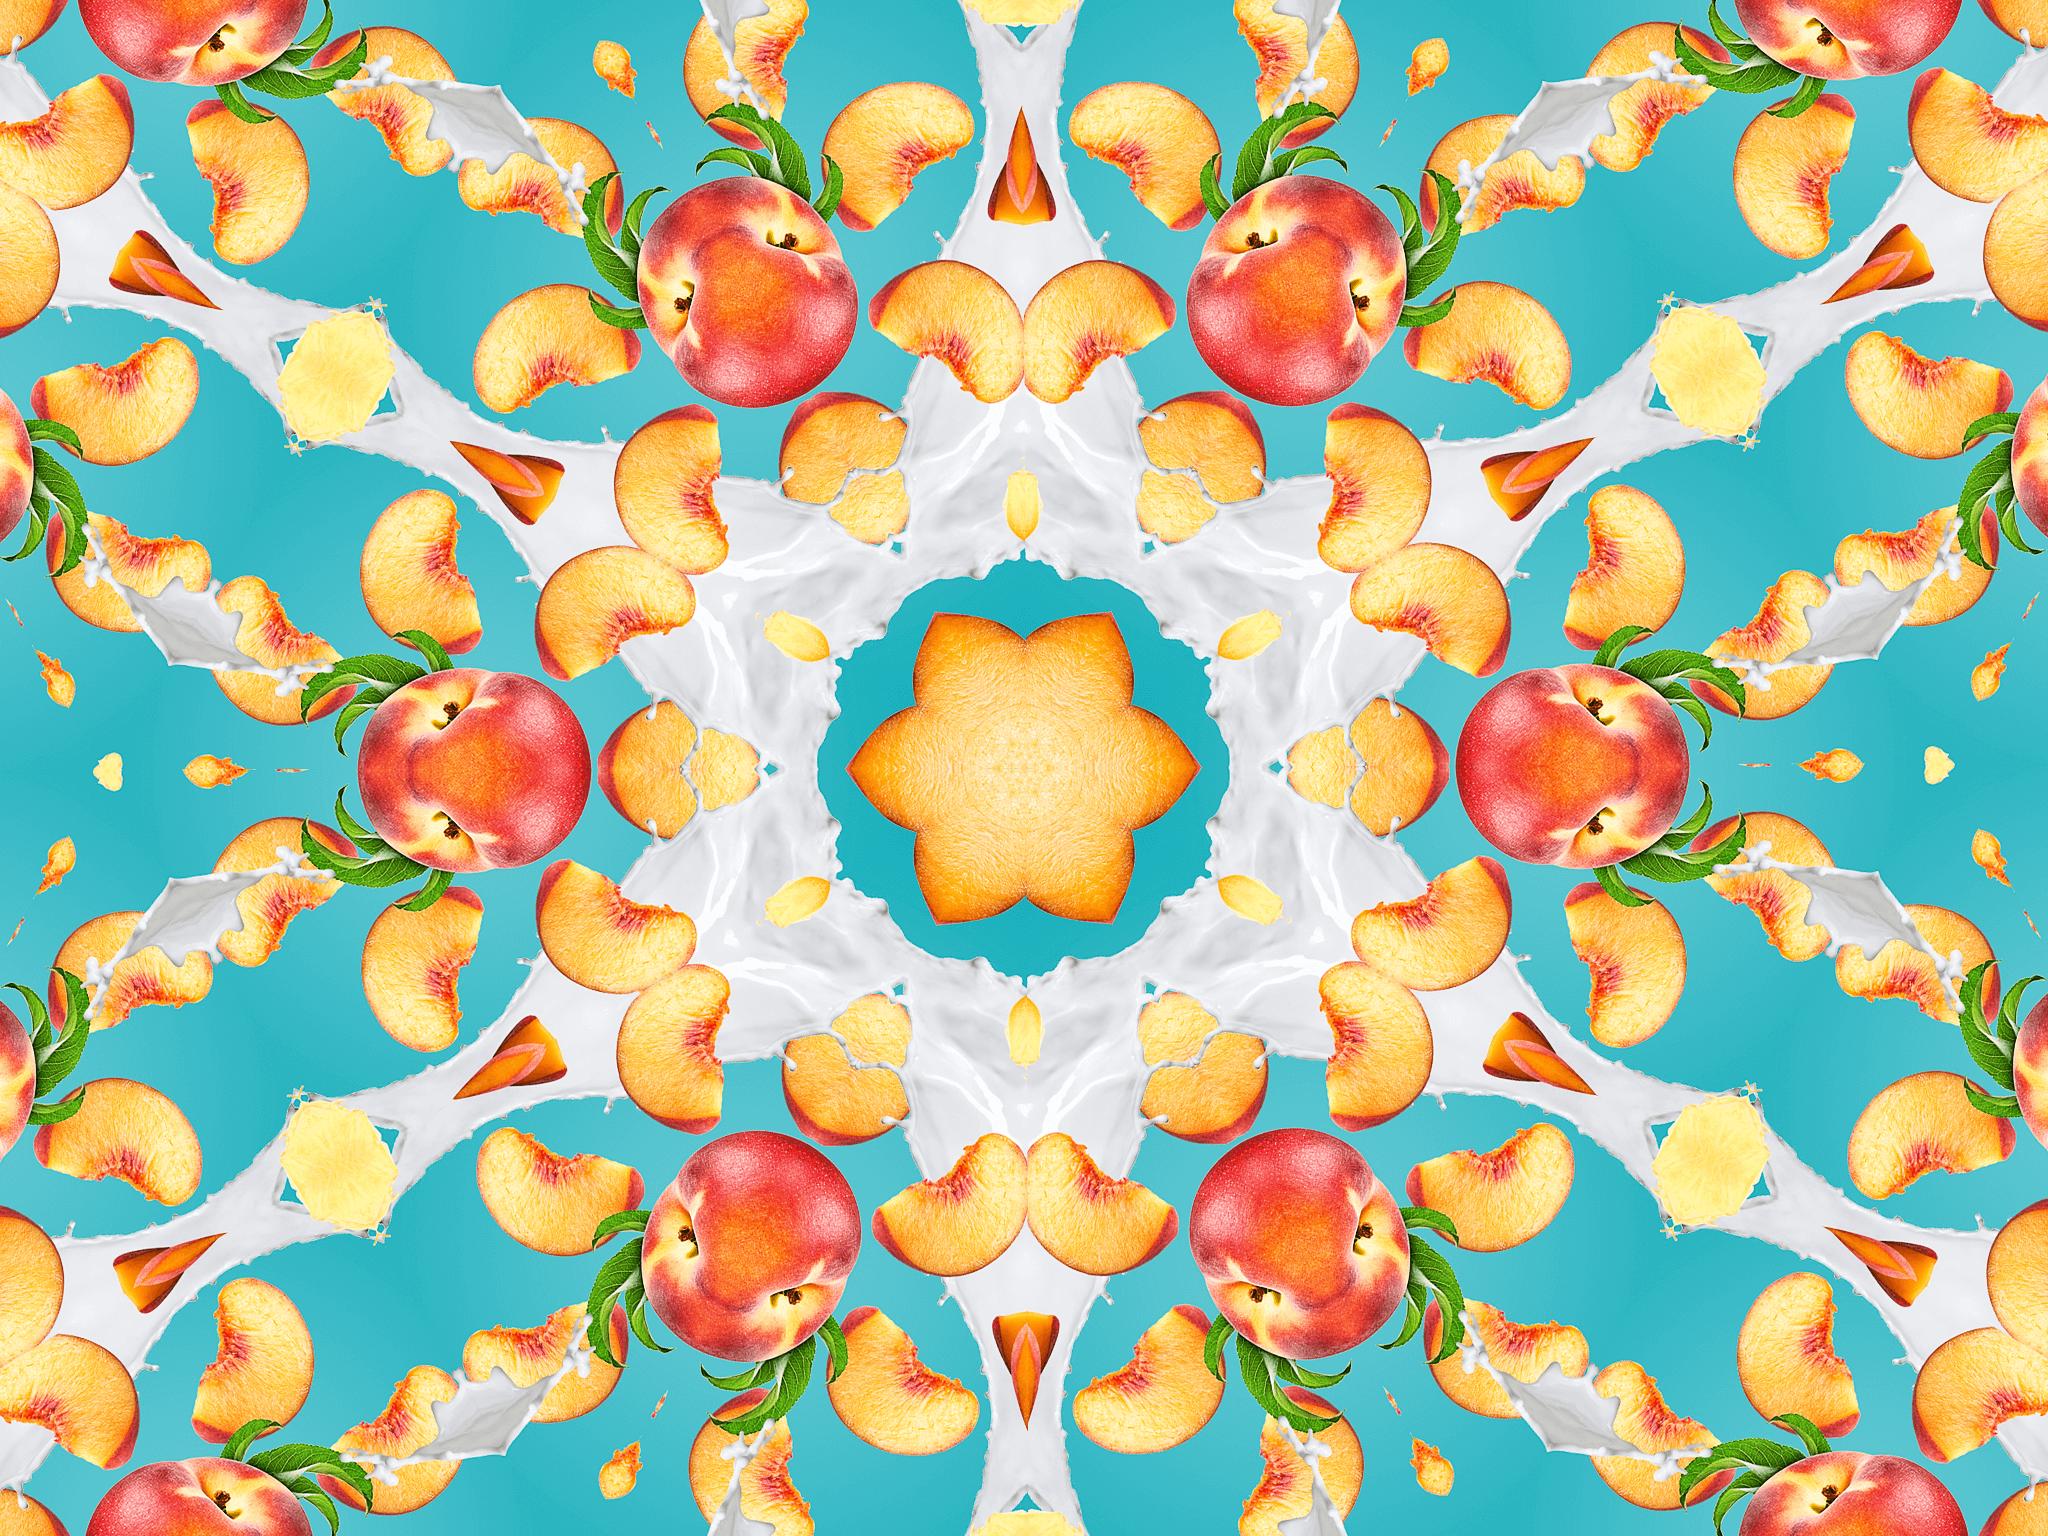 003-McSmoothies-PeachyKeen